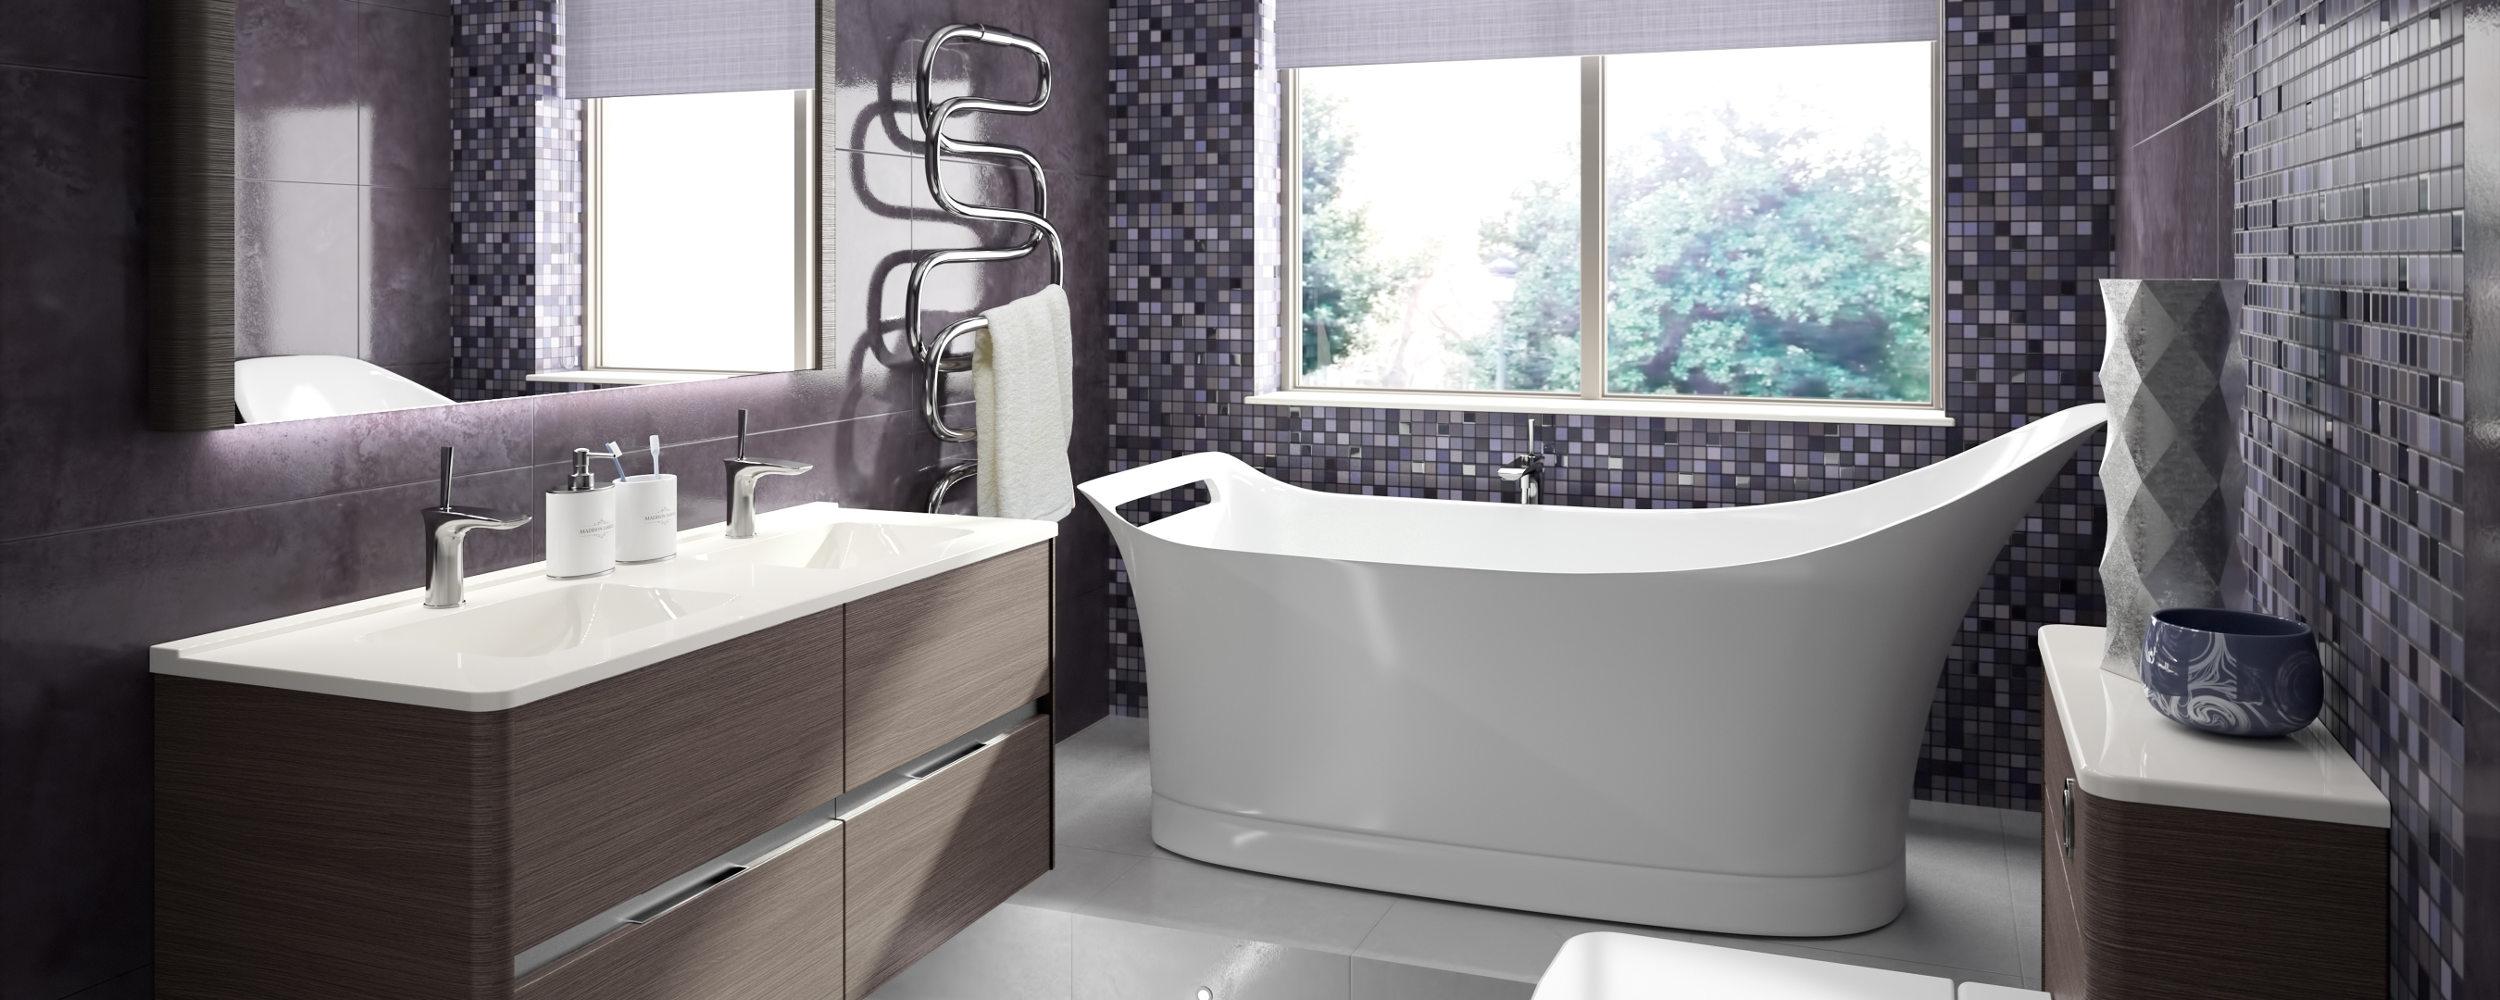 Amazing Bathrooms Edinburgh